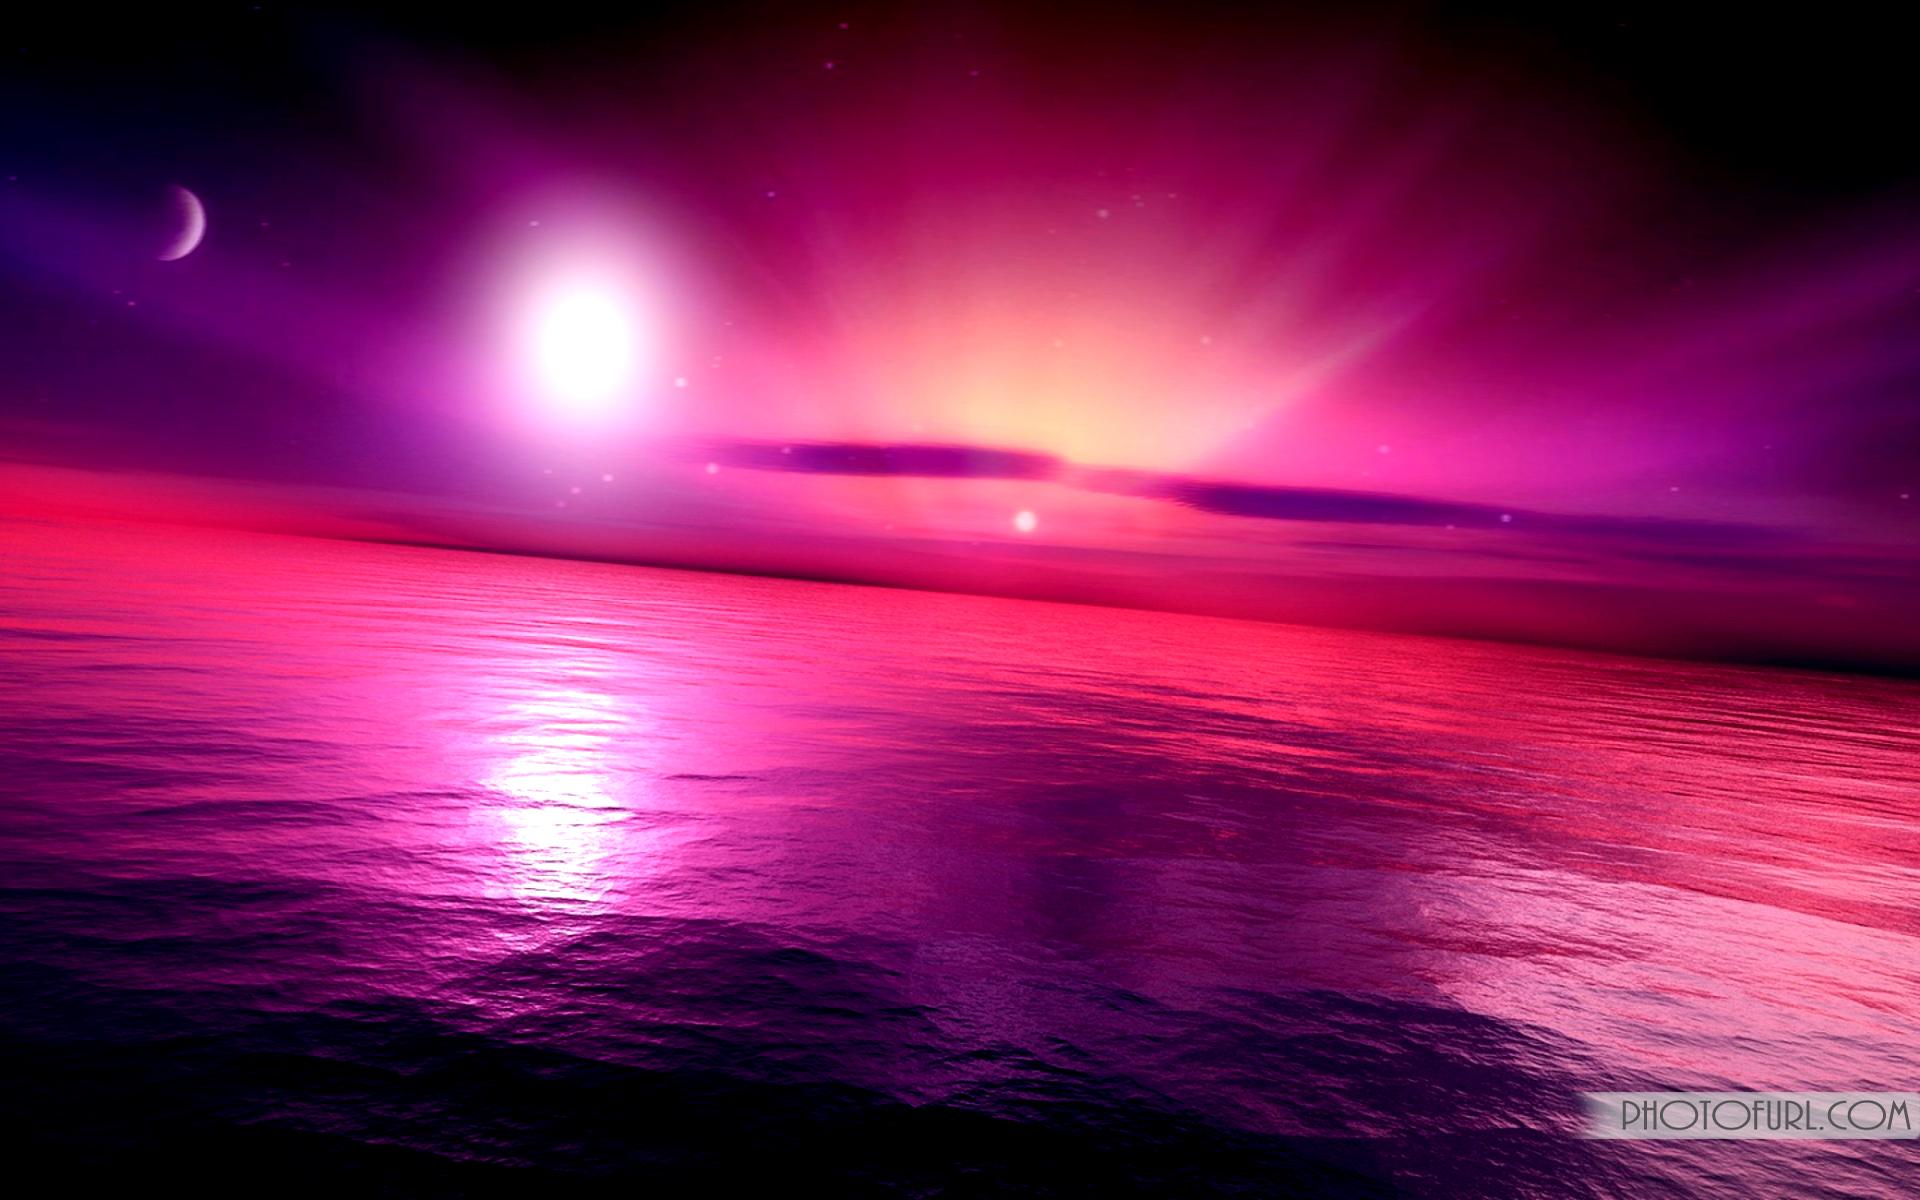 Pink Sunset Wallpaper Desktop